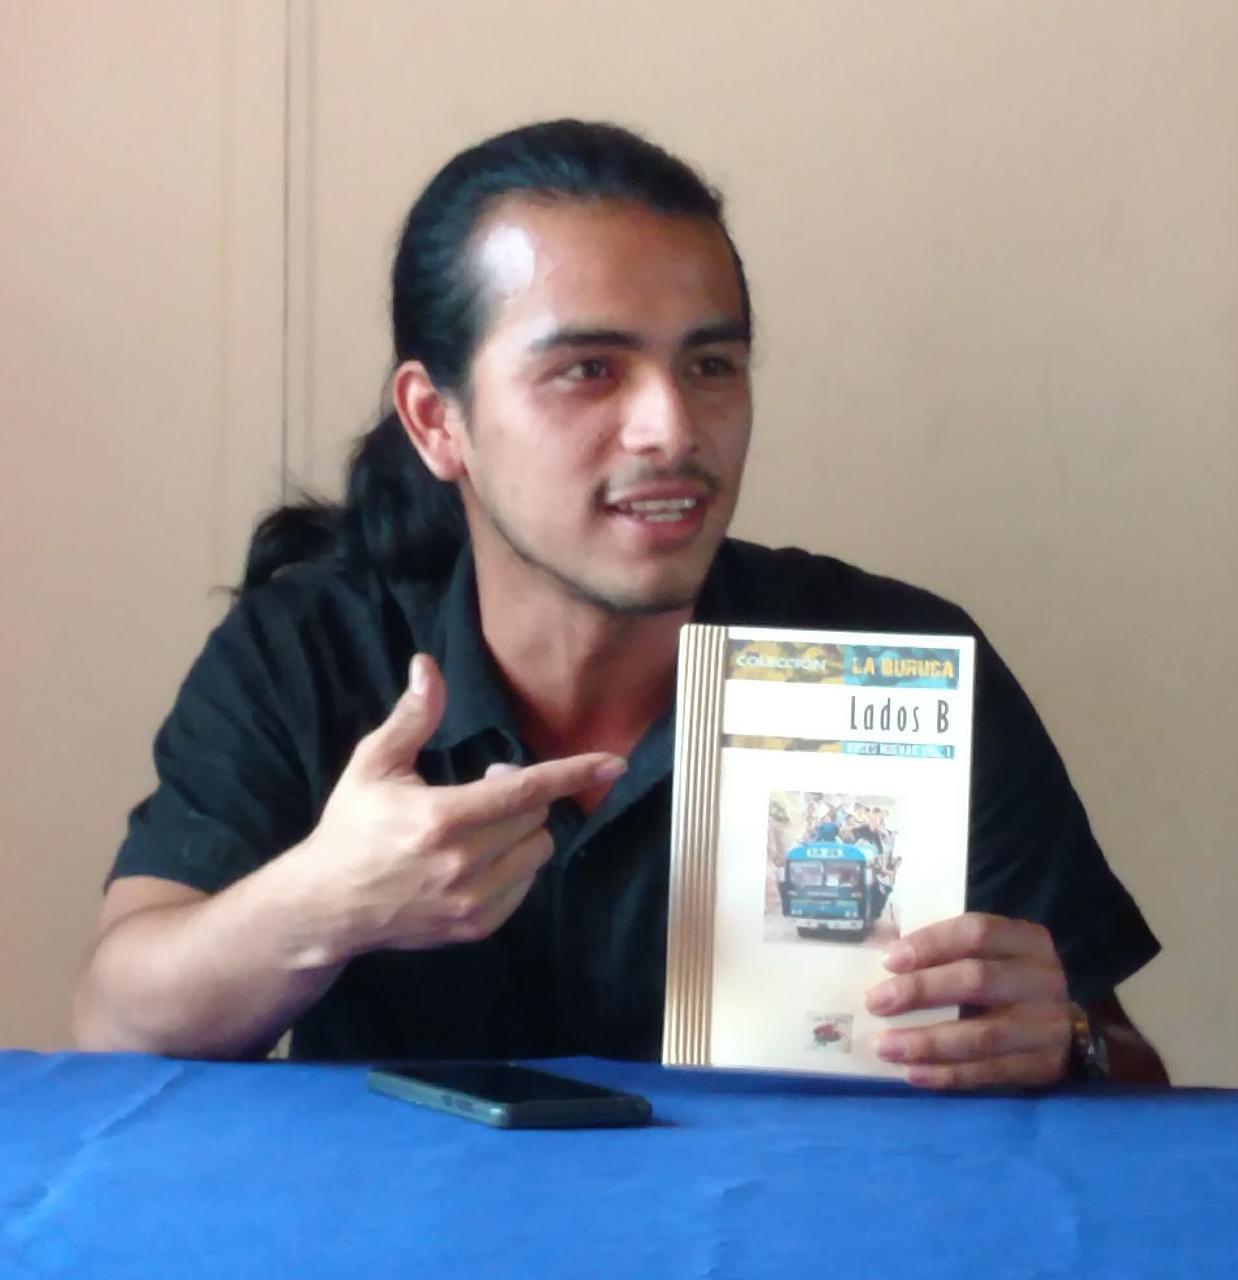 Nuevos exponentes de la narrativa salvadoreña lanzan su libro en la Biblioteca Legislativa